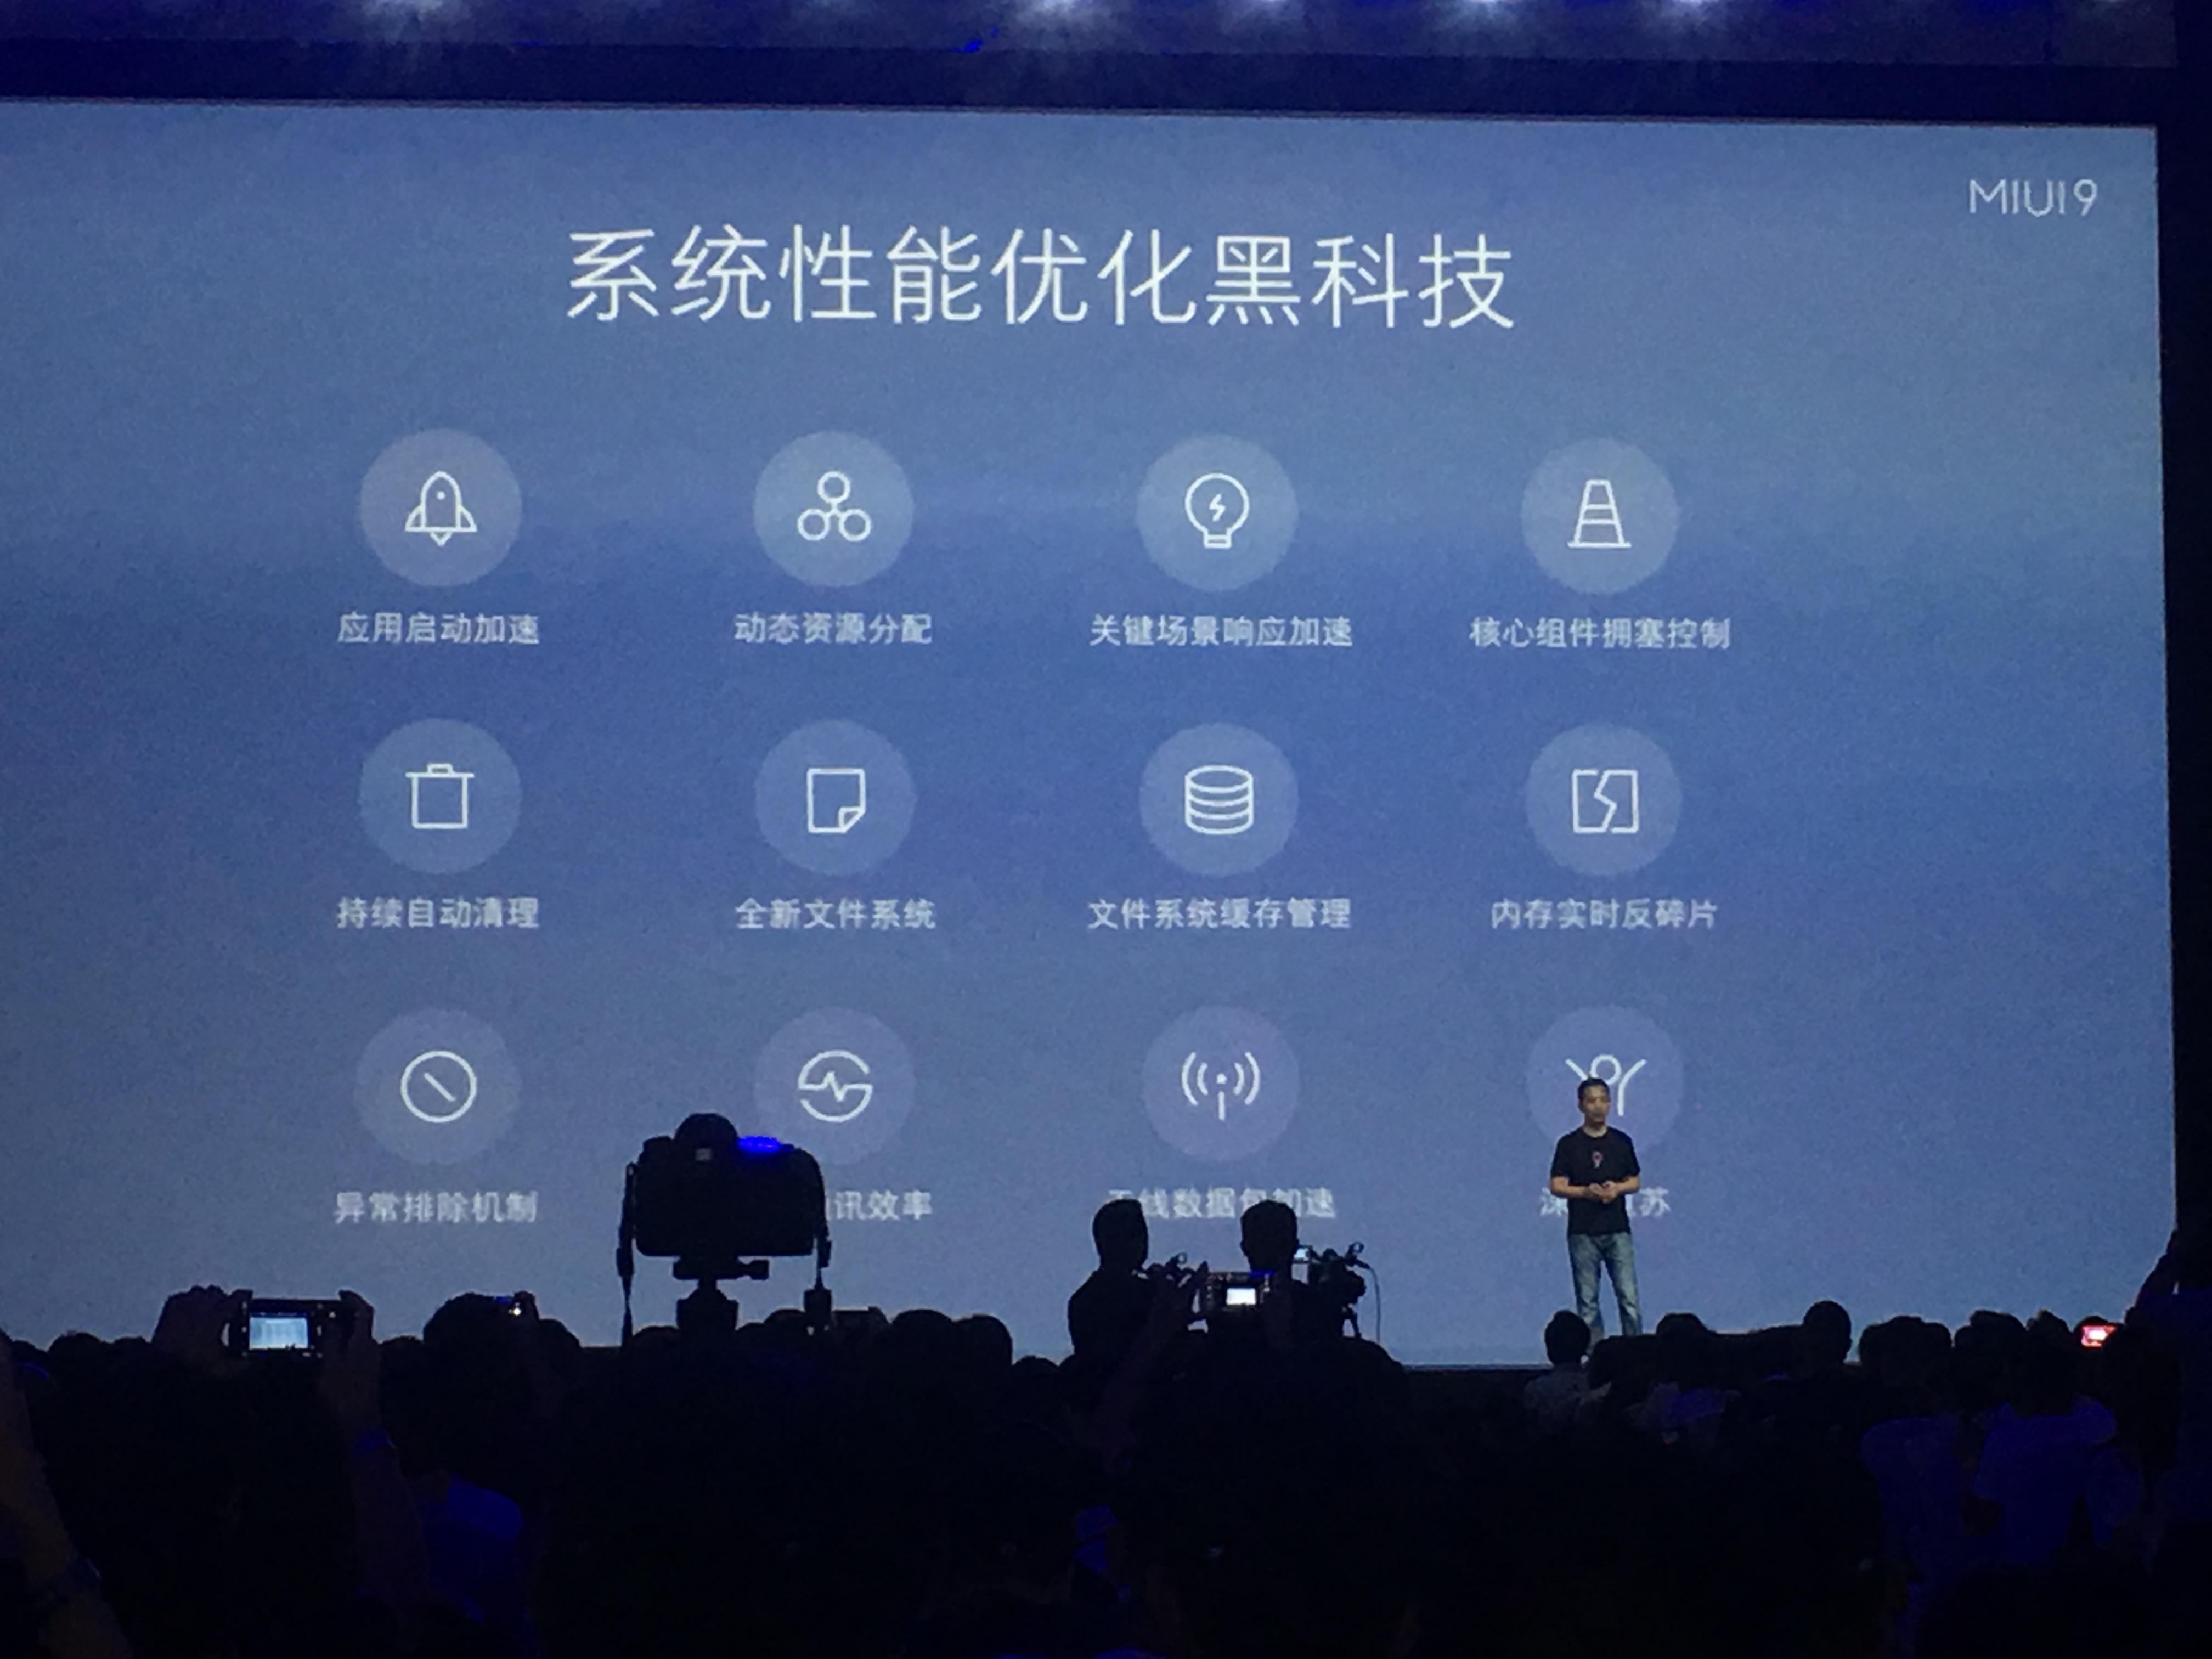 MIUI9新增三大功能:照片查找、信息助手和传送门